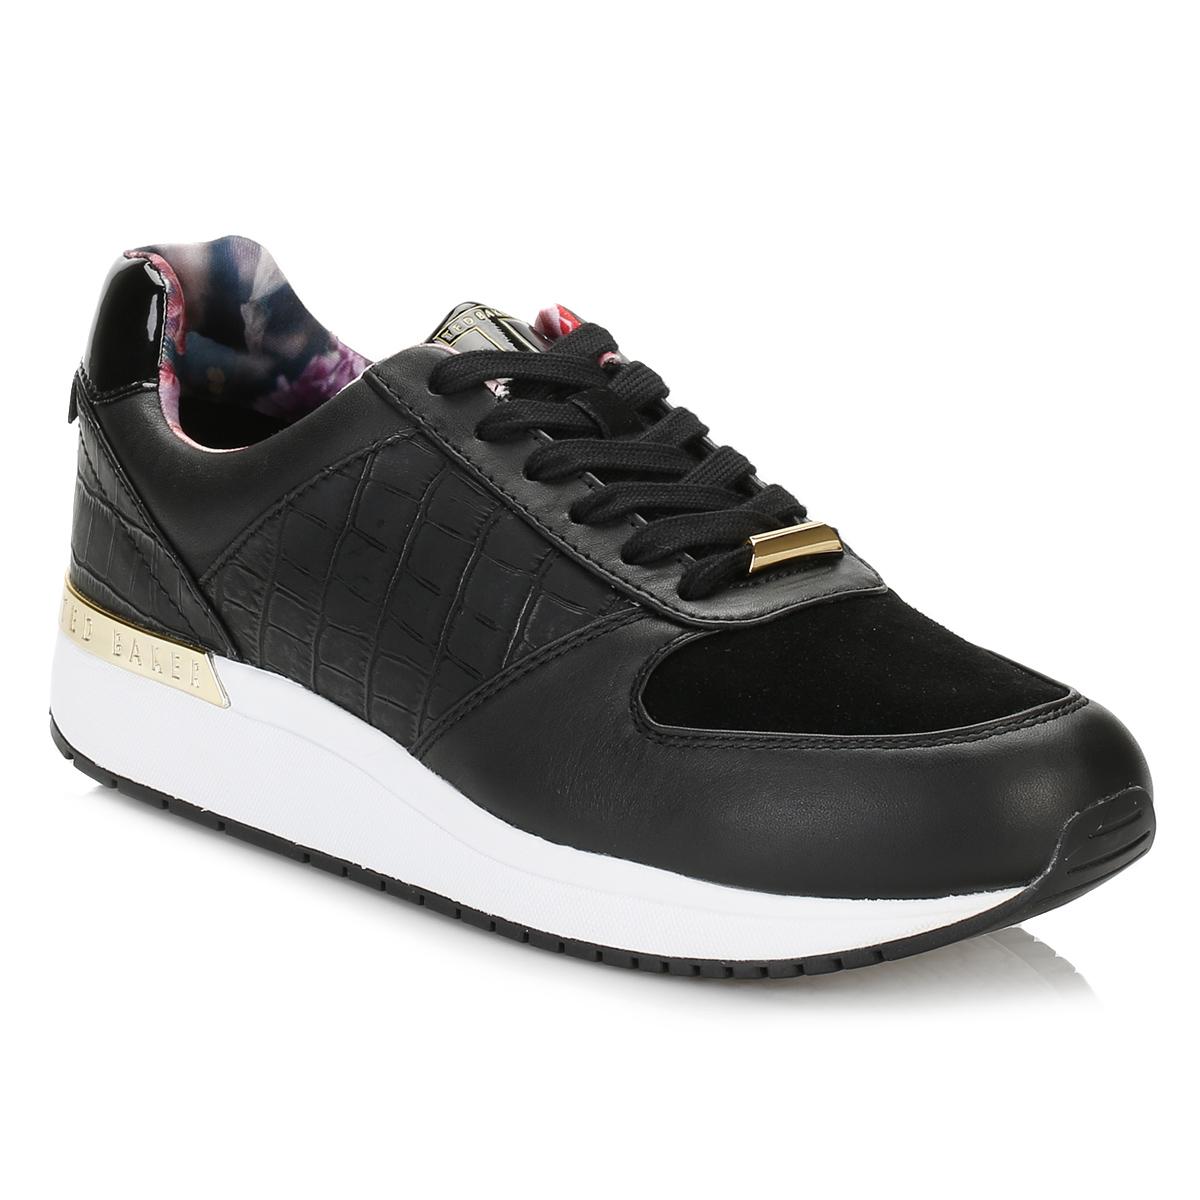 Designer Ladies Shoes Ebay